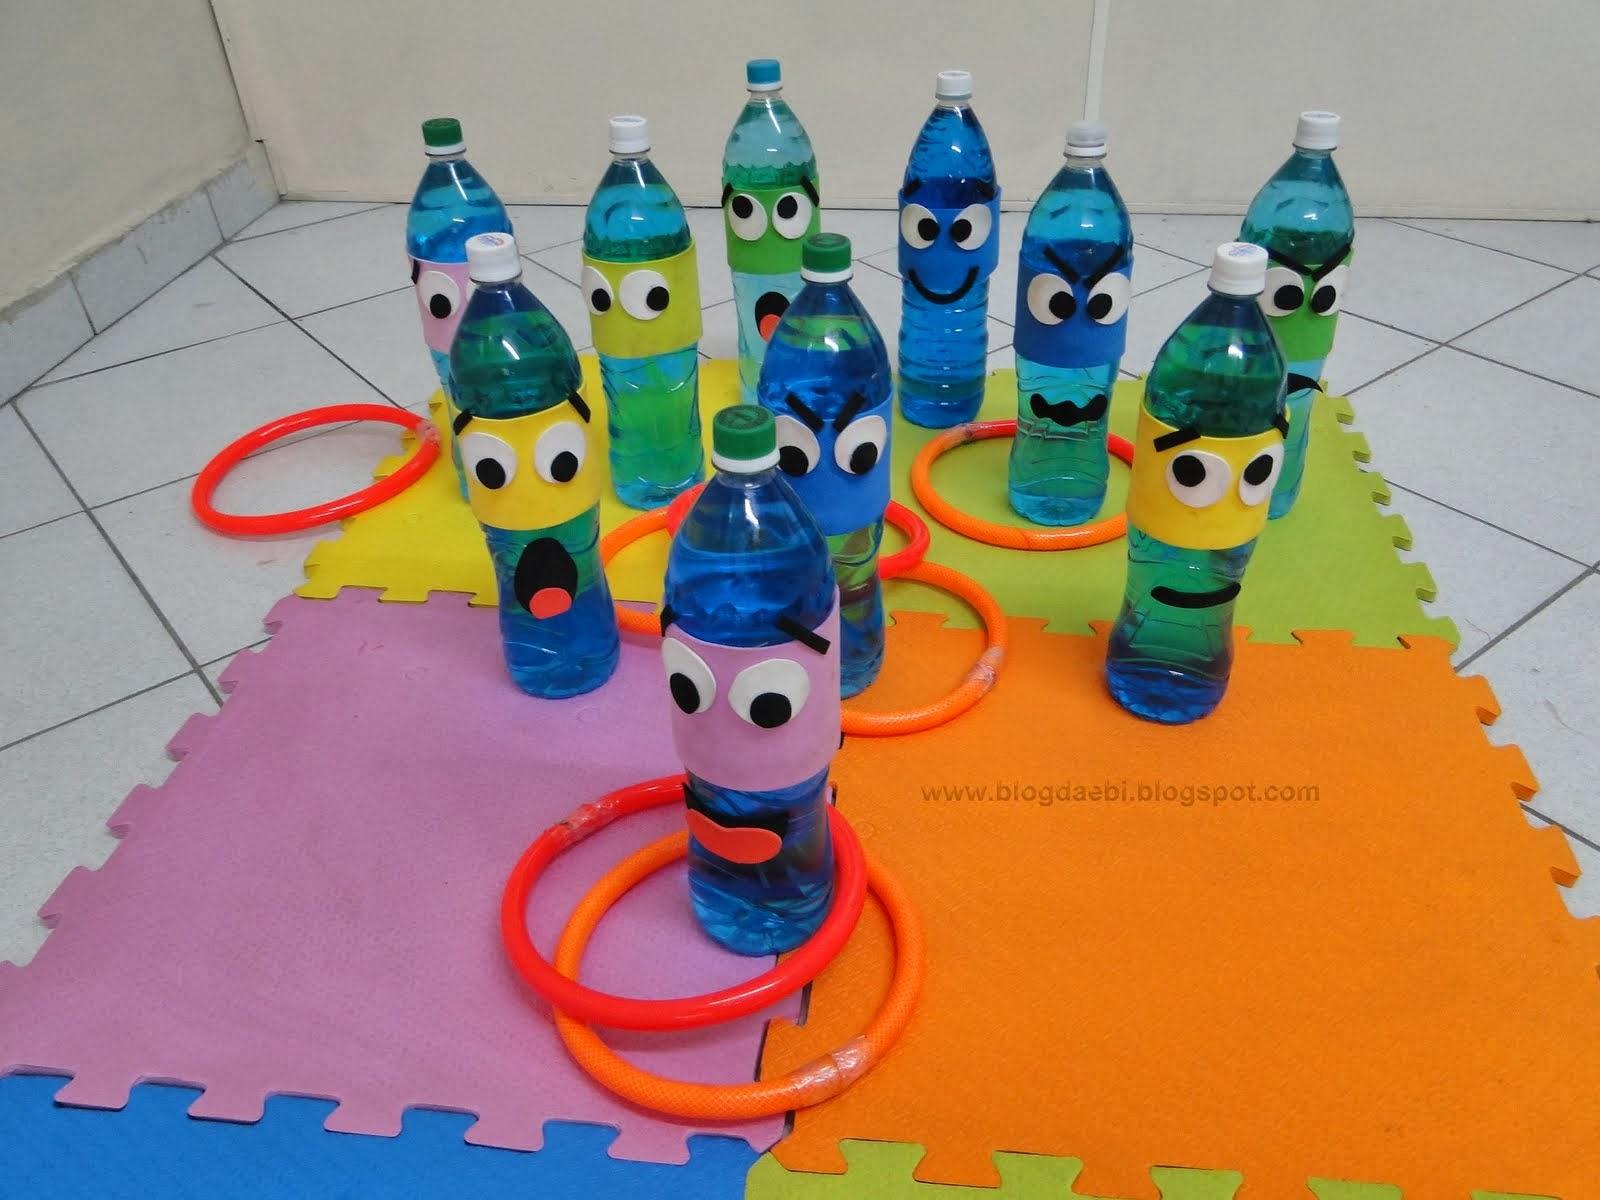 decorar jardim jogos:Brinquedo Sucata: Jogo de Argolas – Reaproveitamento Garrafa PET